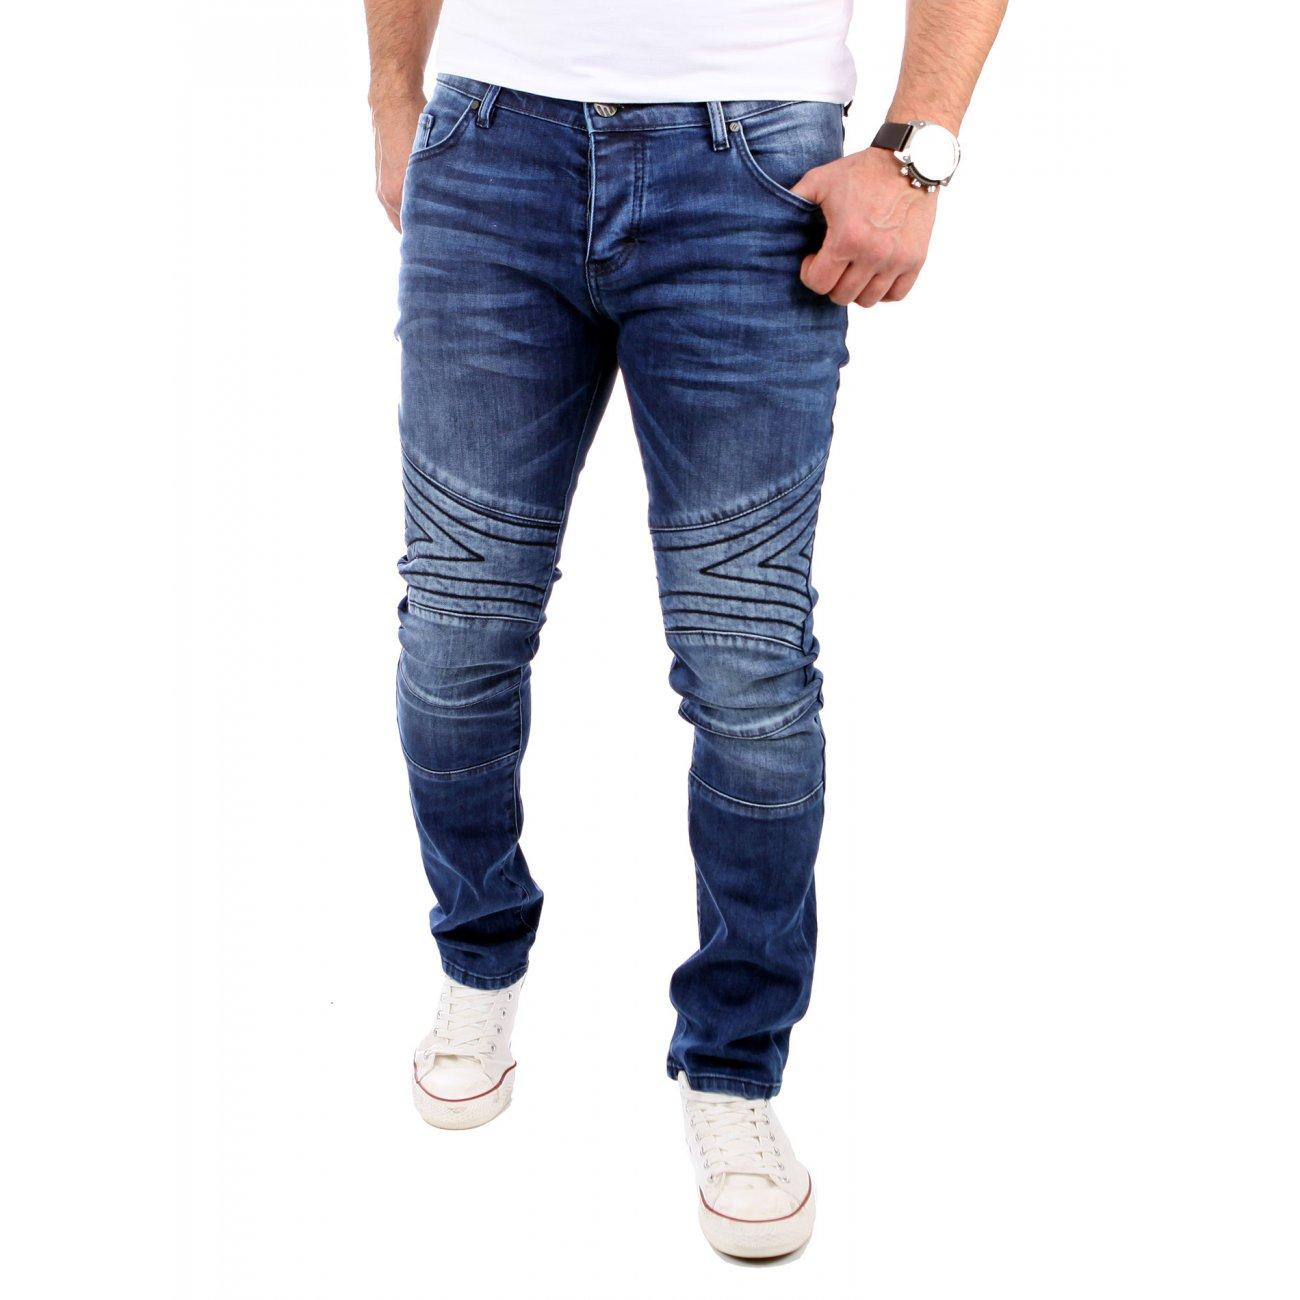 tazzio jeans herren slim fit biker stil 5 pocket jeans blau. Black Bedroom Furniture Sets. Home Design Ideas